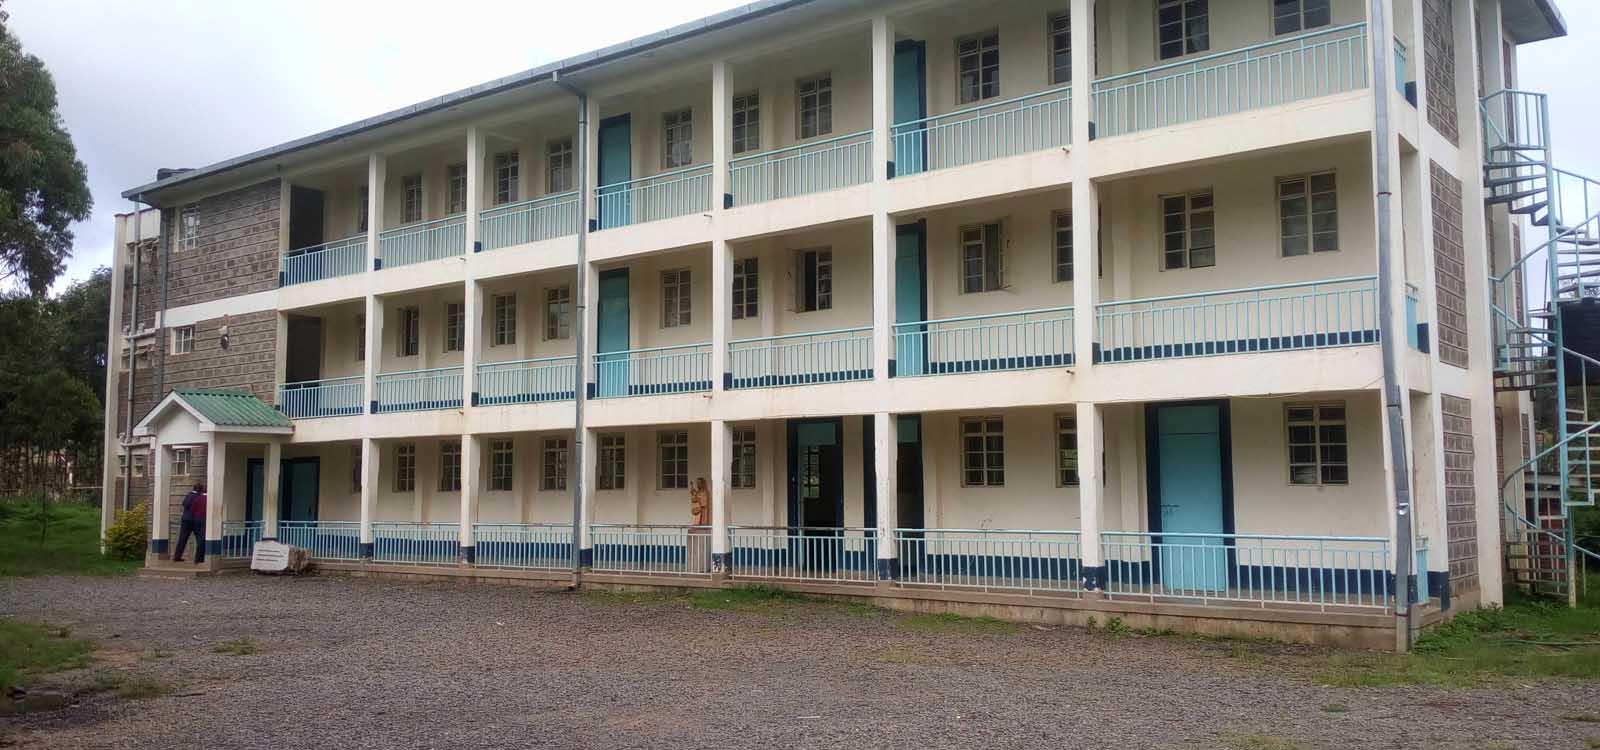 Domus Mariae School